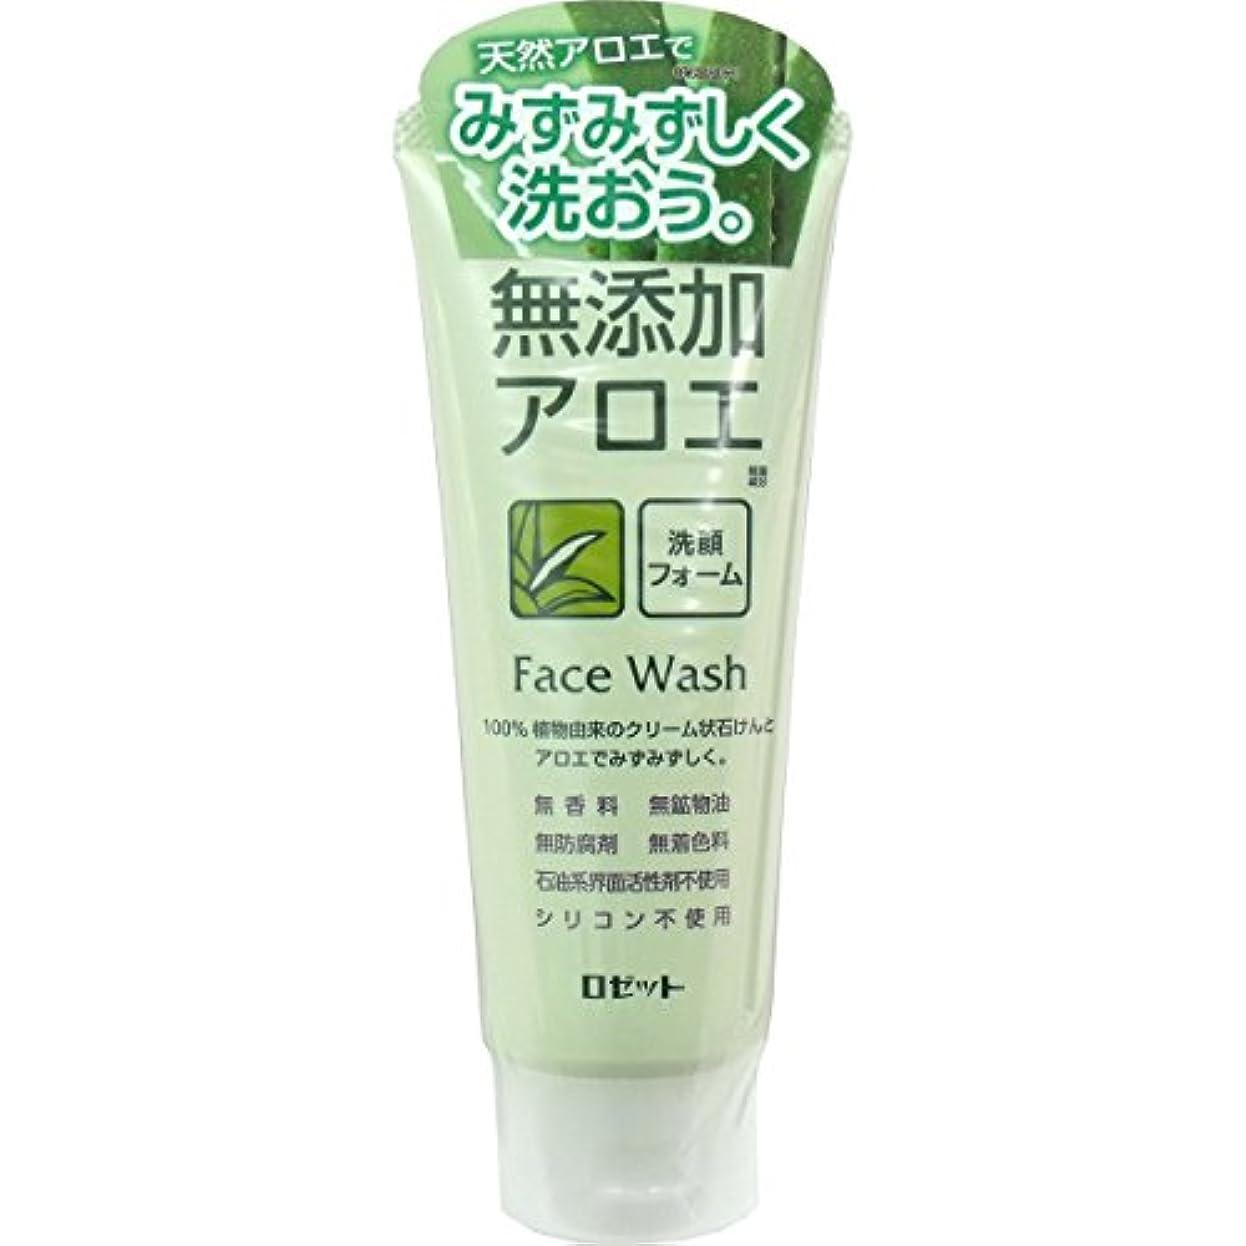 ラグかける団結する【ロゼット】無添加アロエ 洗顔フォーム 140g ×10個セット